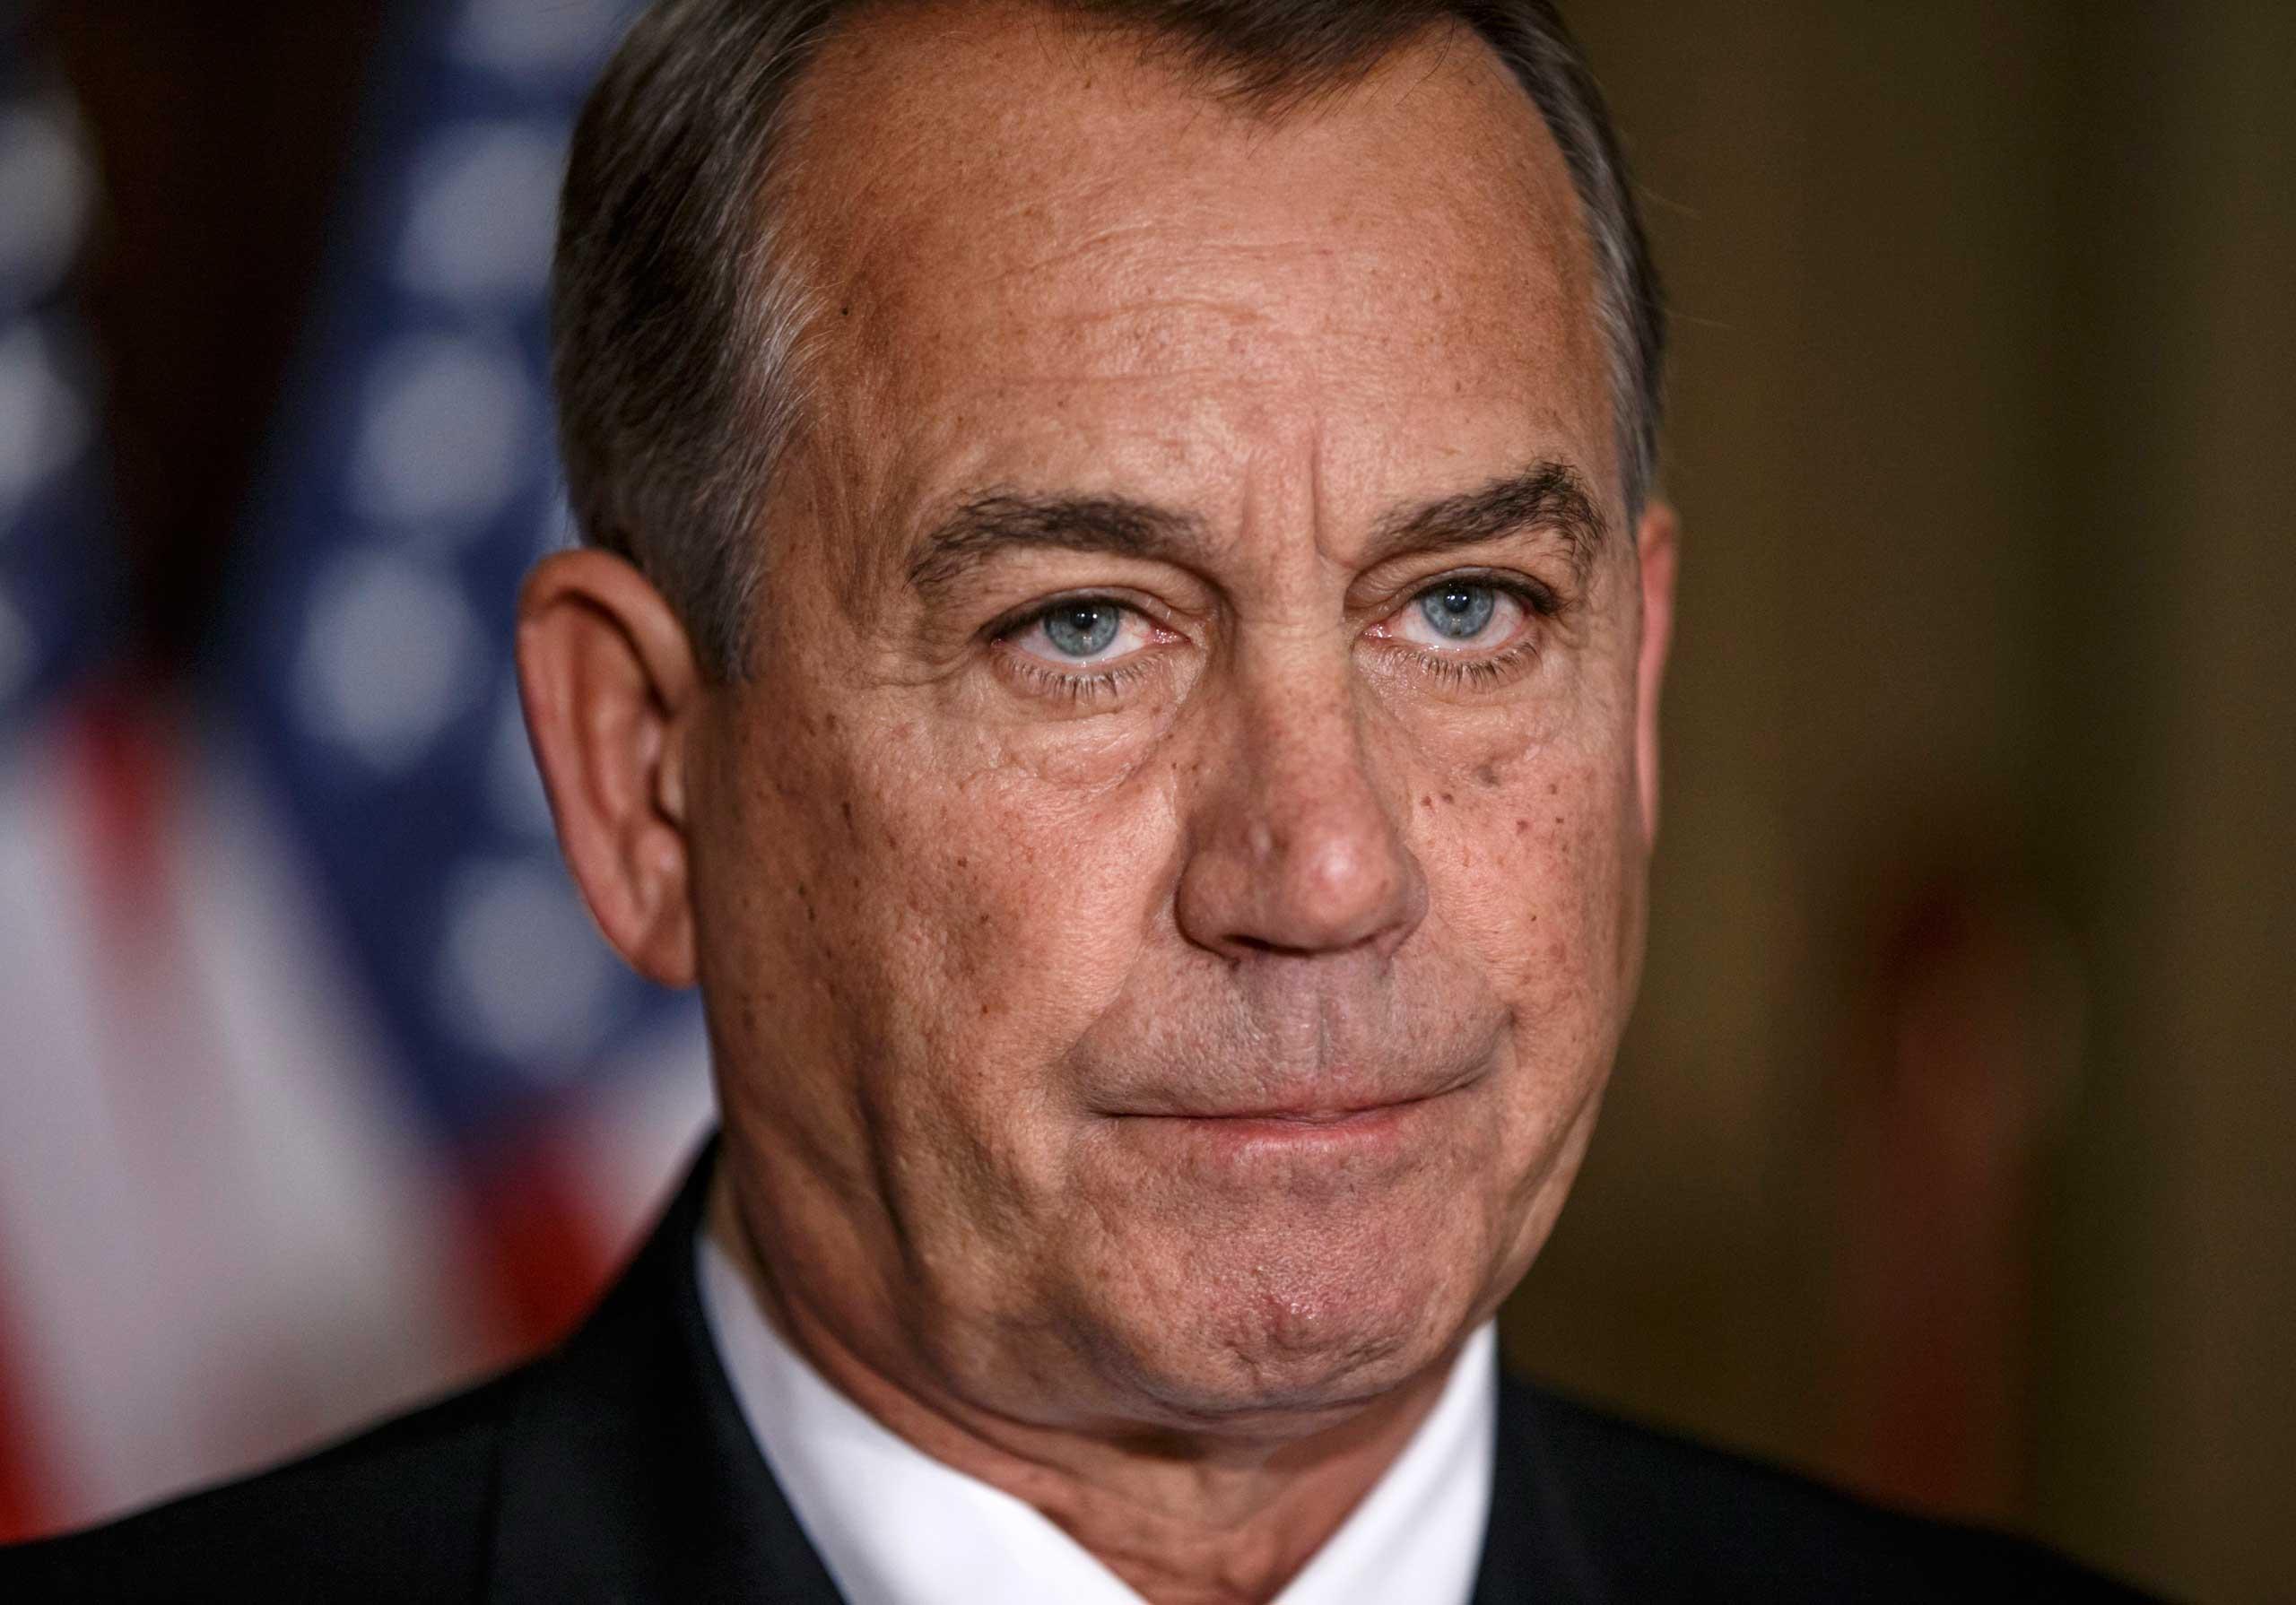 House Speaker John Boehner of Ohio in Congress on Nov. 21, 2014 in Washington.